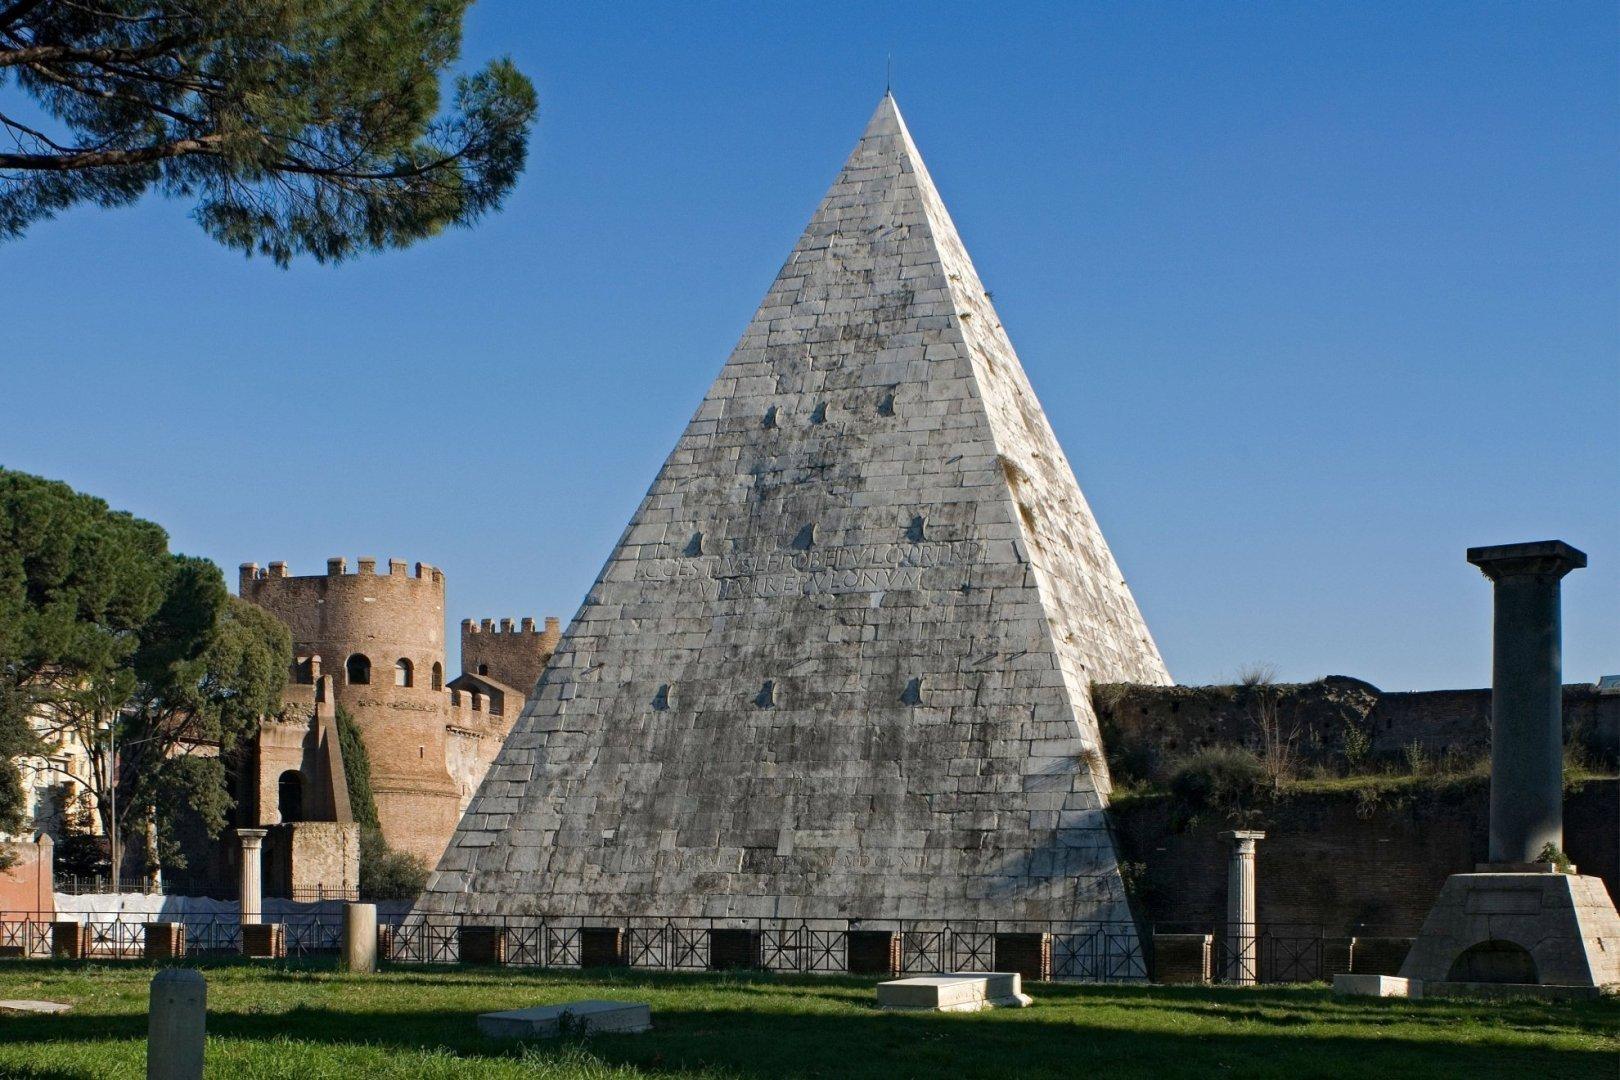 Caius Cestius's Pyramid seen from Non-Catholic Cemetery, Rome, Latium, Italy